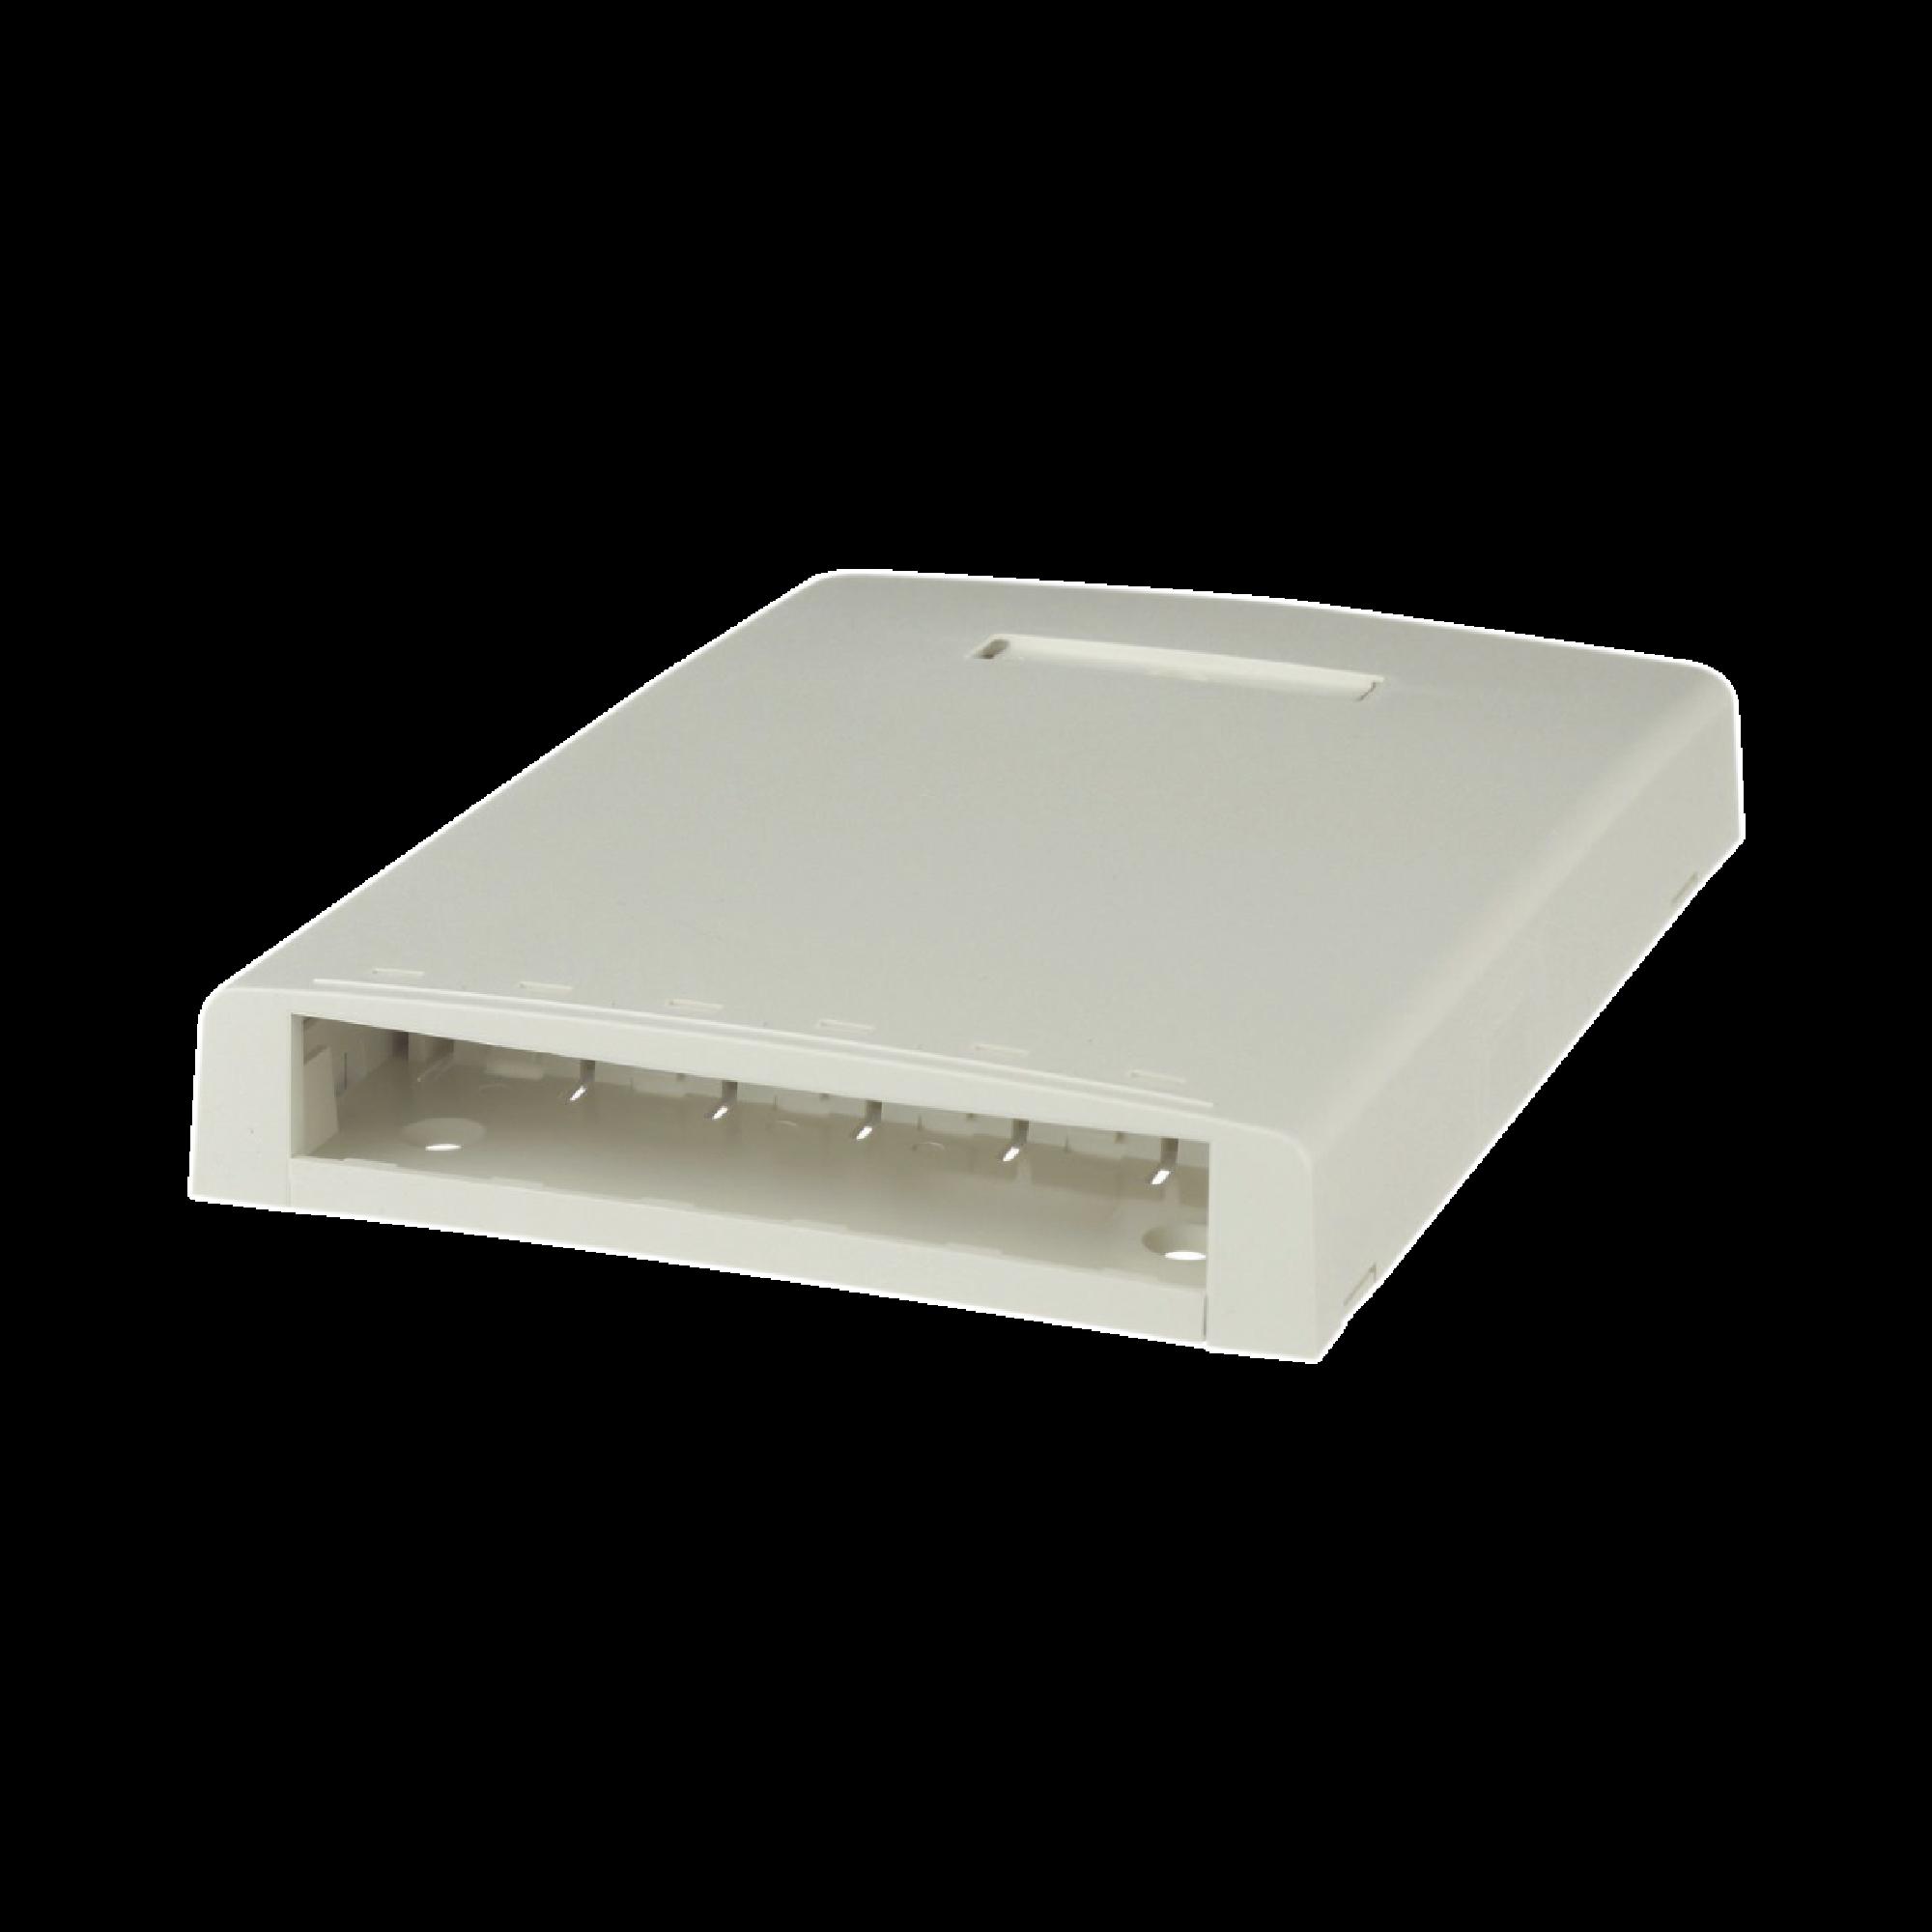 Caja de Montaje en Superficie, Con Accesorio para Resguardo de Fibra óptica, Para 6 Módulos Mini-Com, Color Blanco Mate